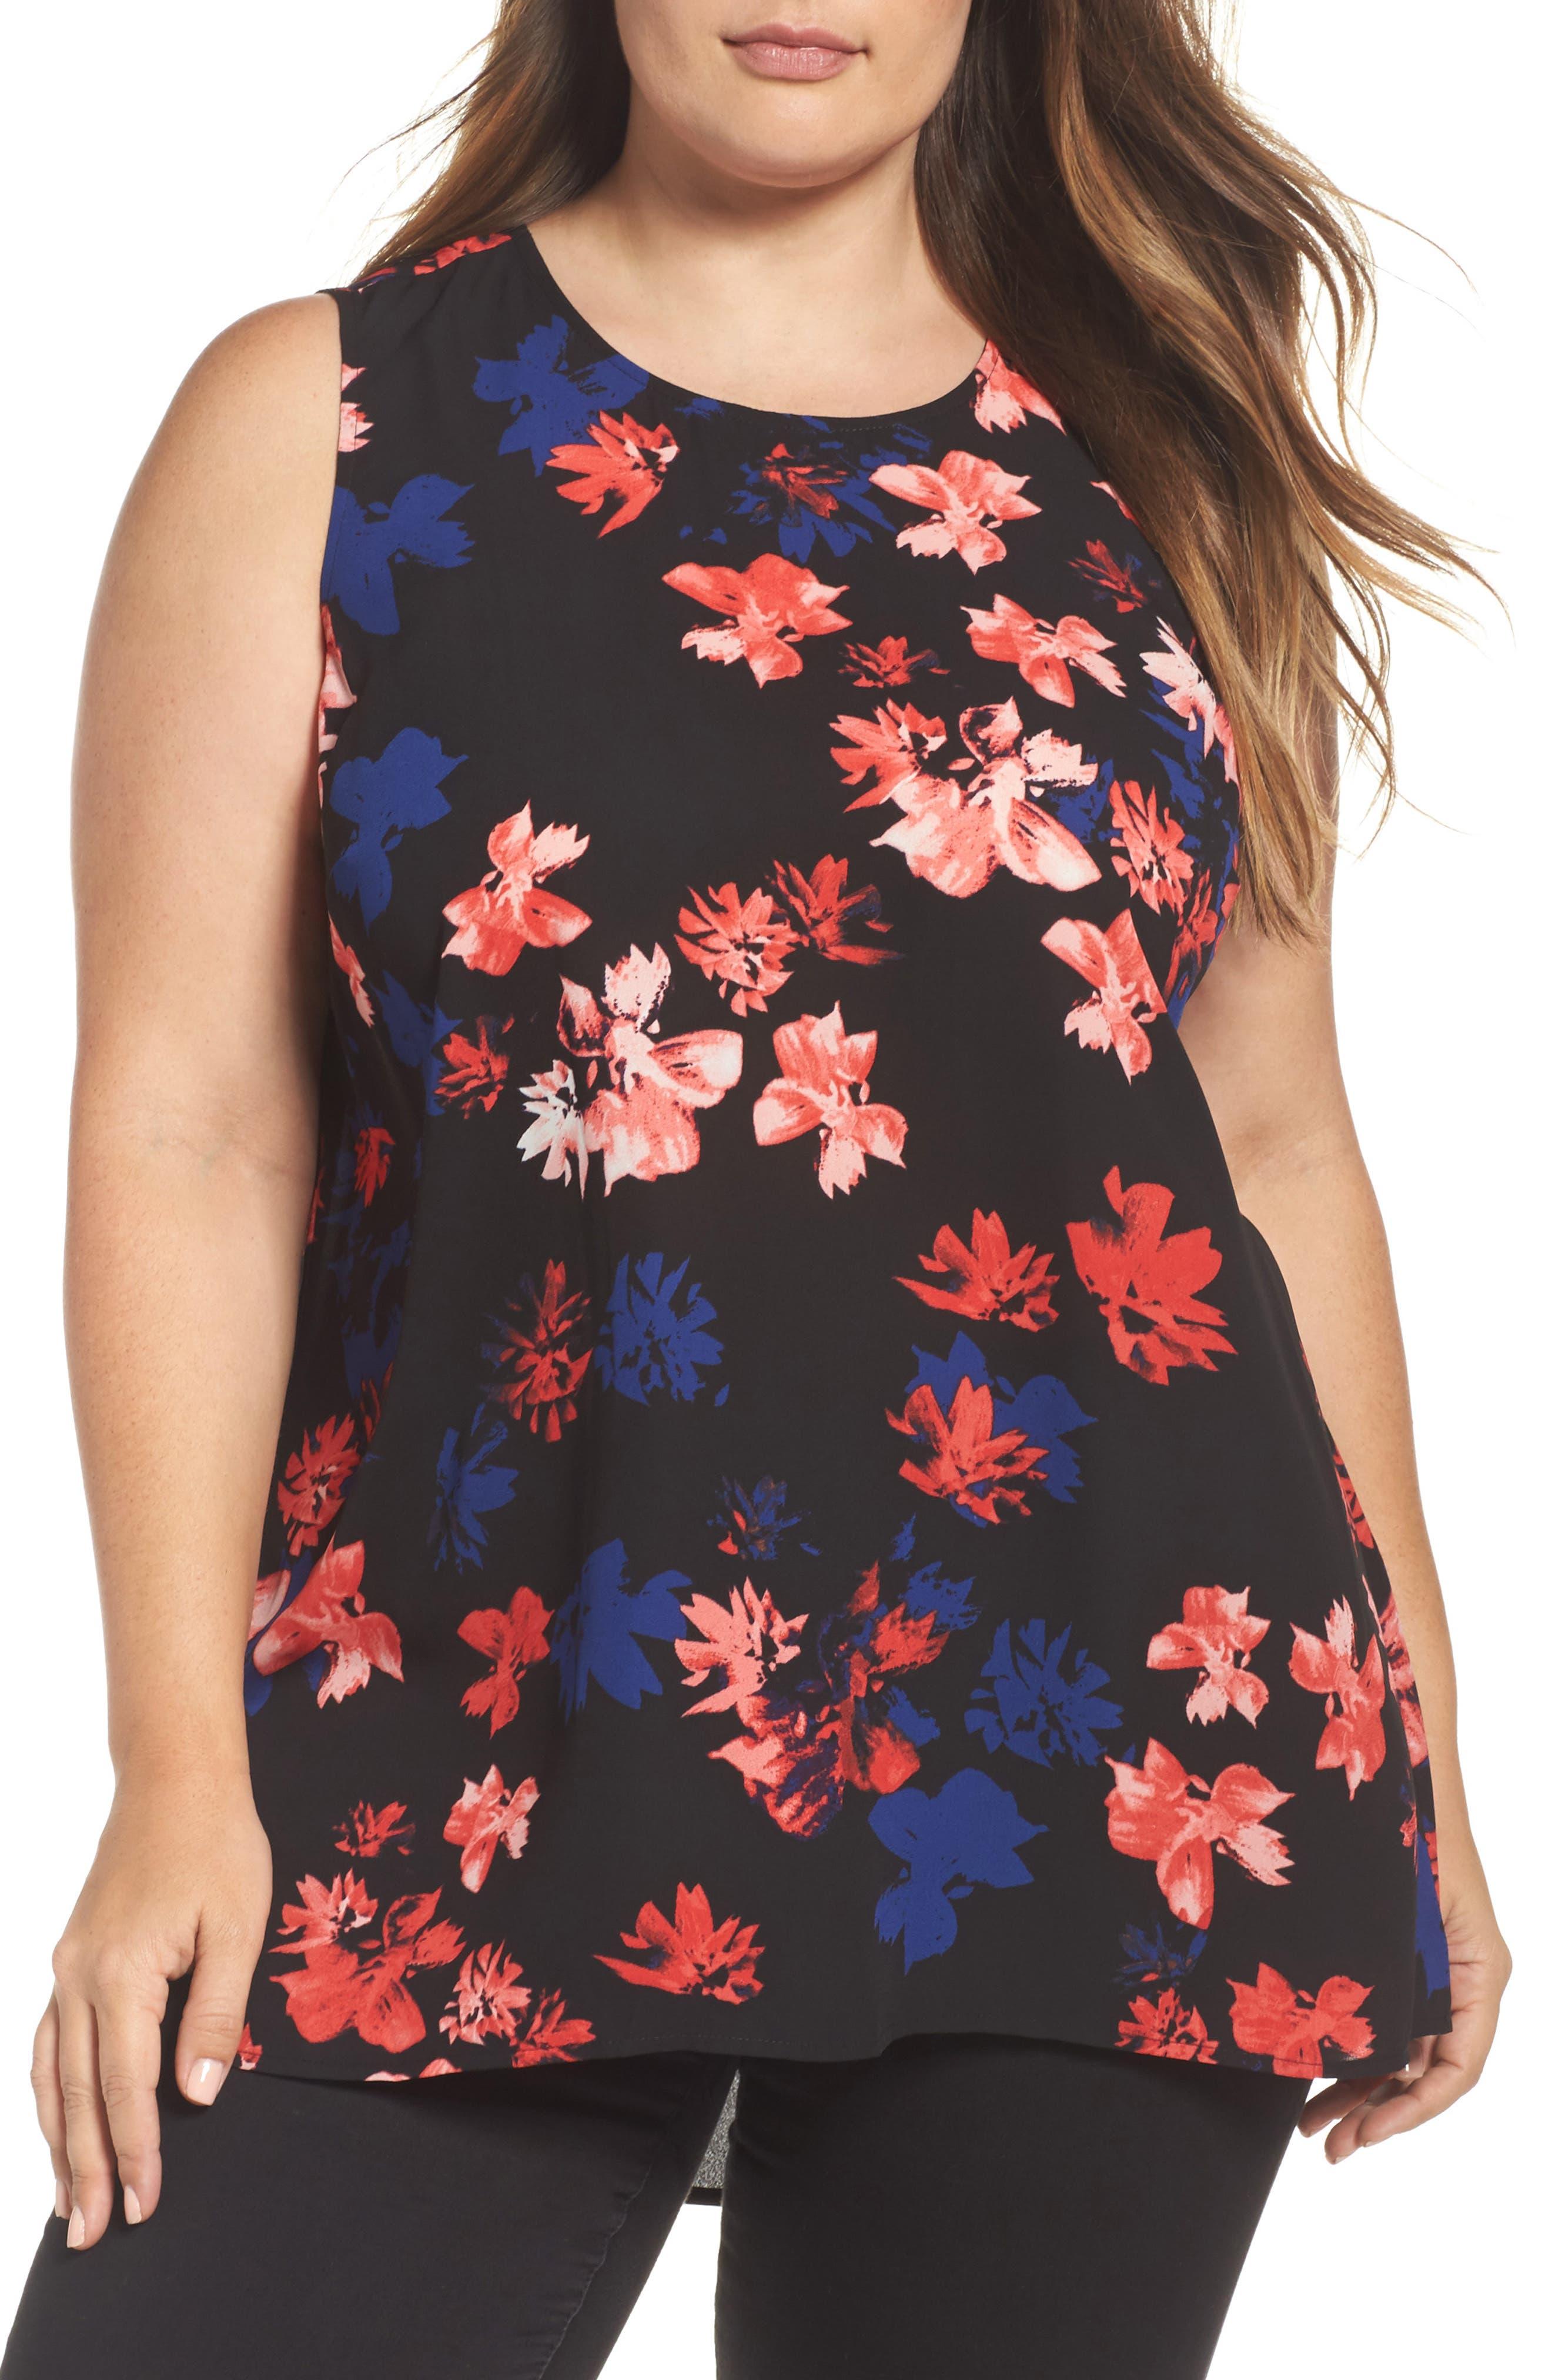 Vince Camuto Ballard Floral Print Blouse (Plus Size)